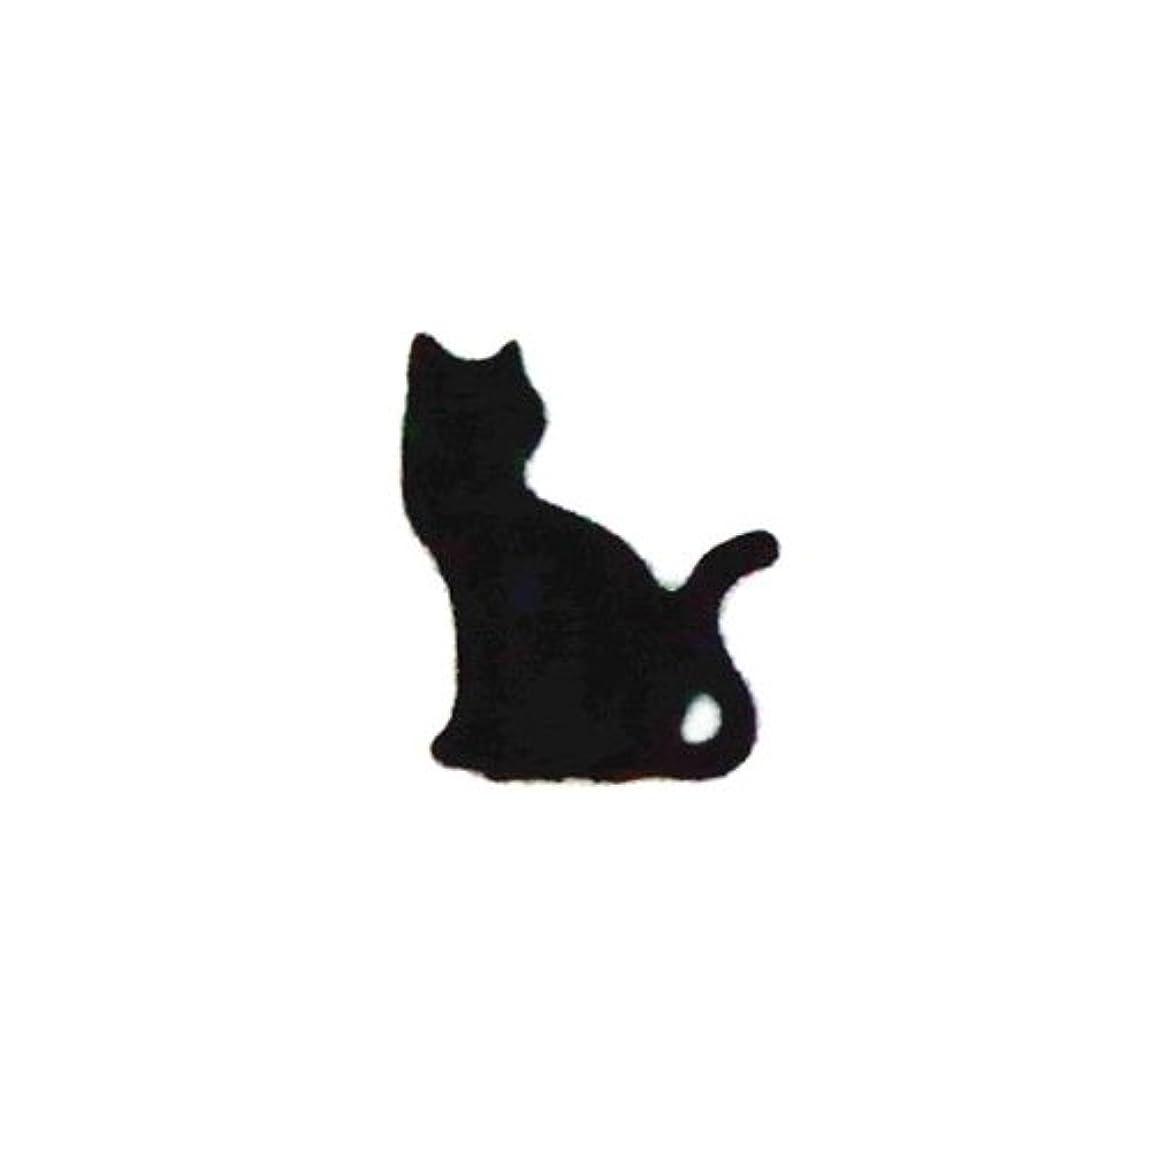 師匠サポートモーテルリトルプリティー ネイルアートパーツ 猫3 ブラック 10個